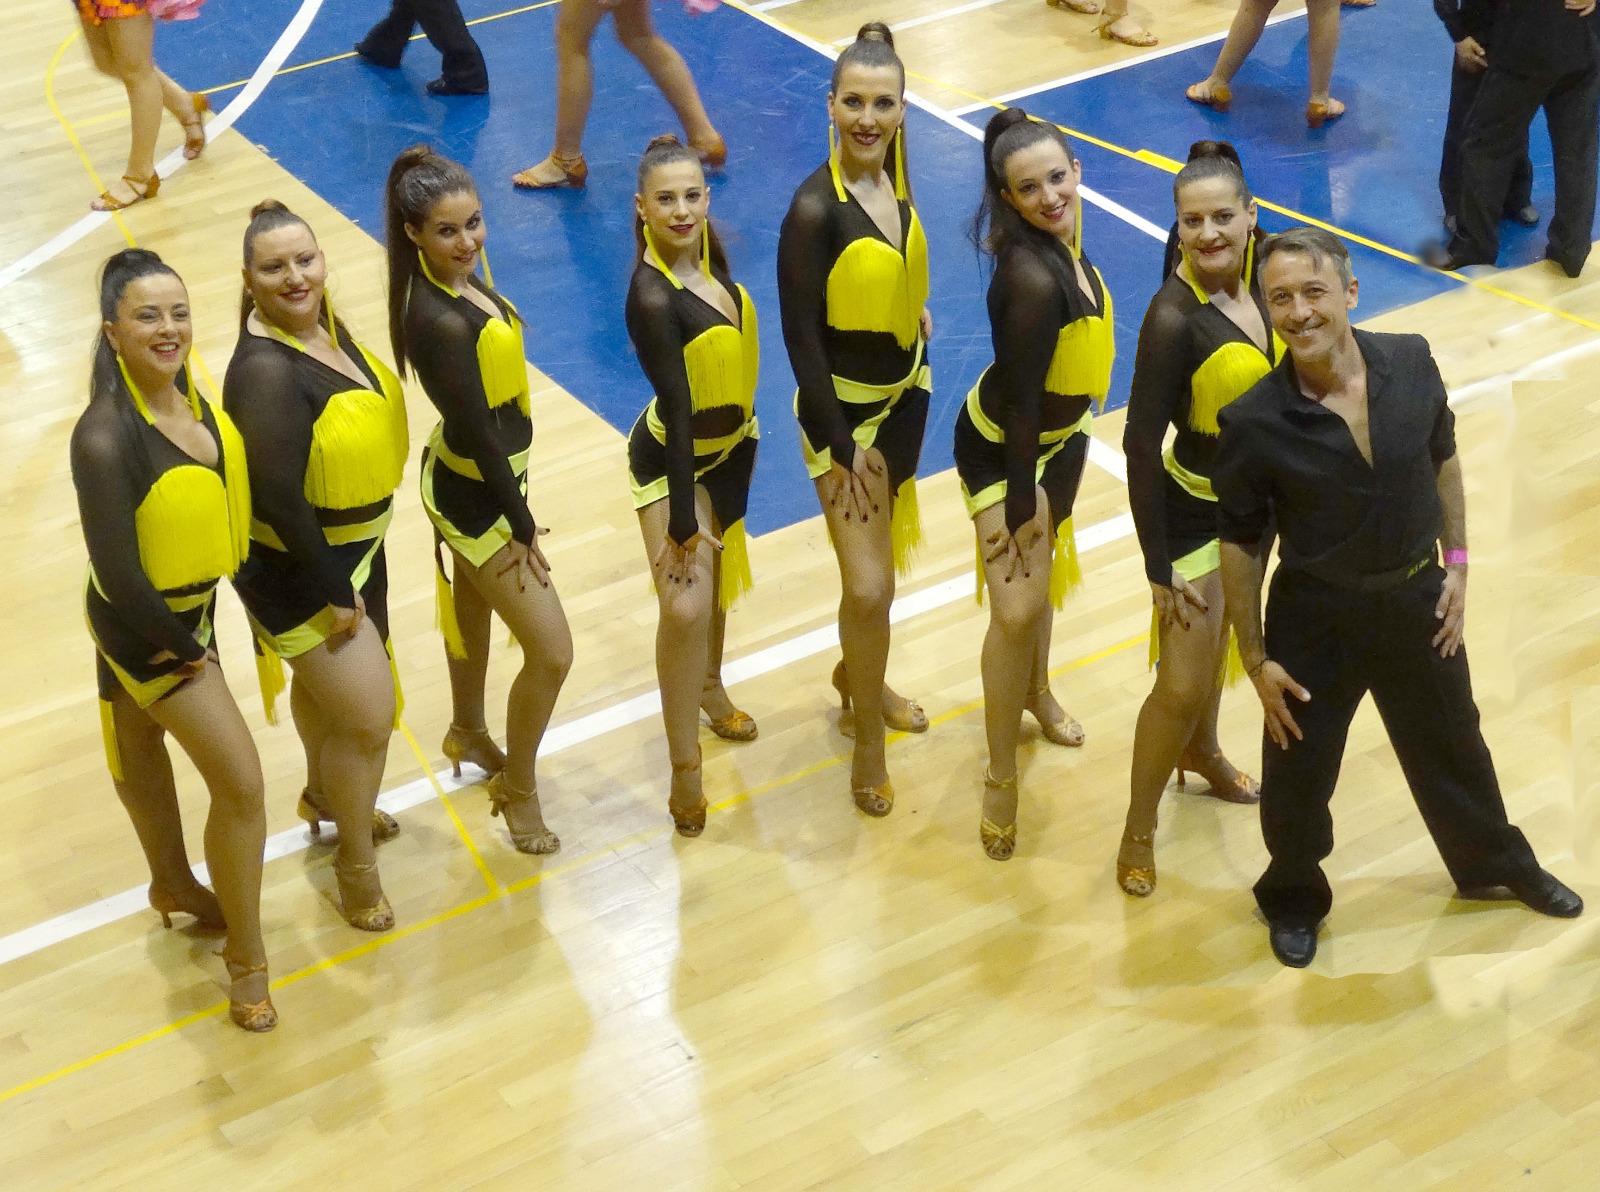 Clases de Danza Coreográfica en Leganés - ESCUELA PASOS DE BAILE